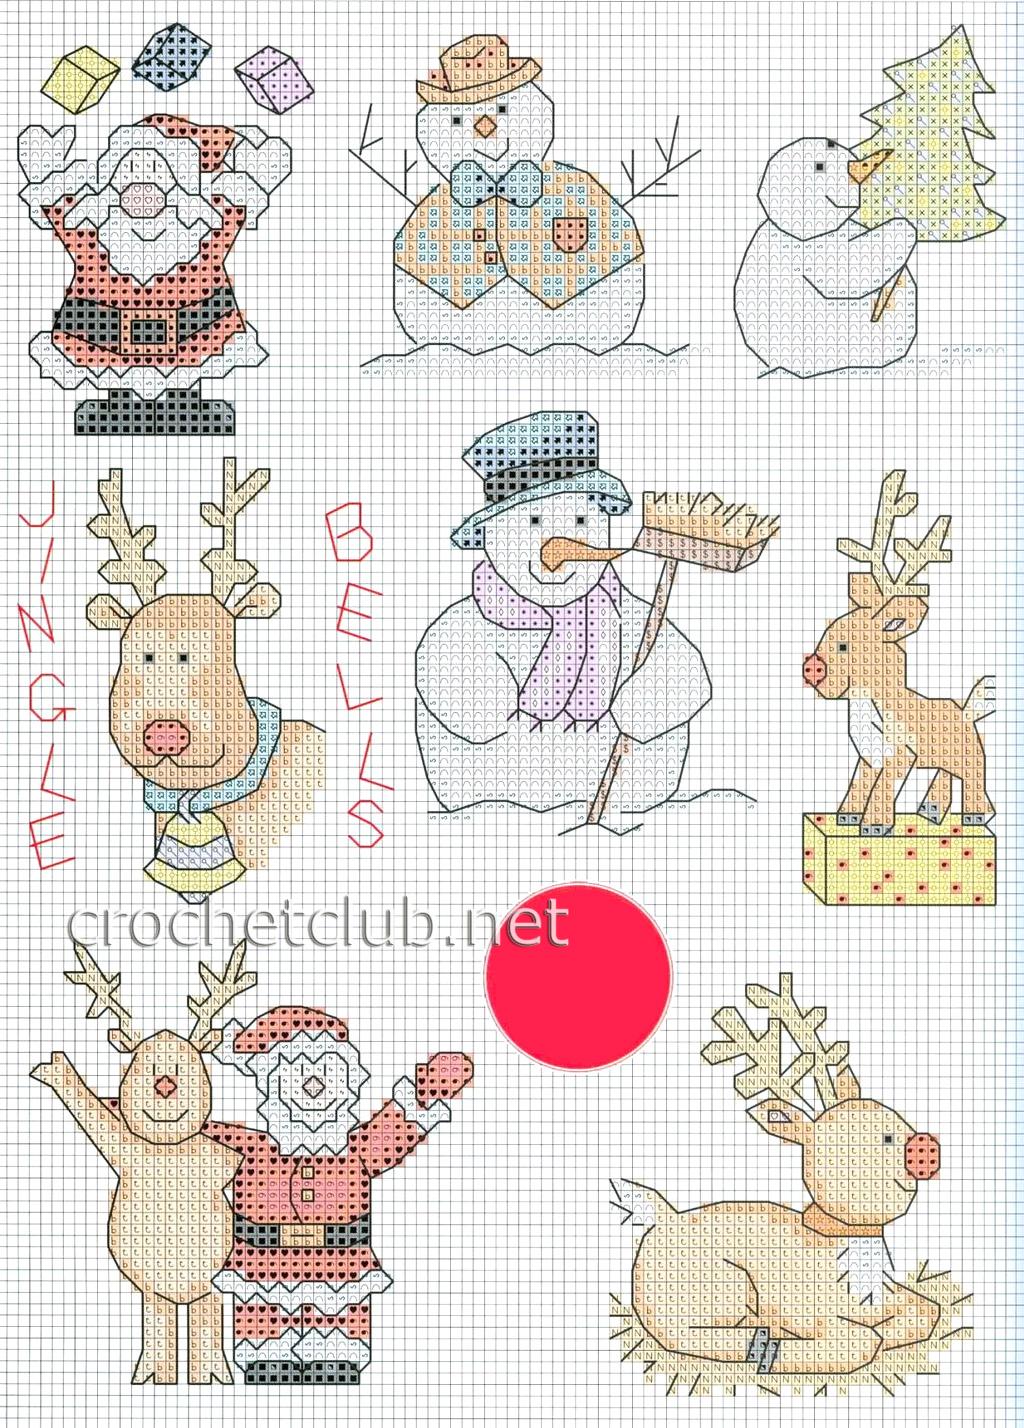 Высказывания, открытки с вышивкой крестом новый год